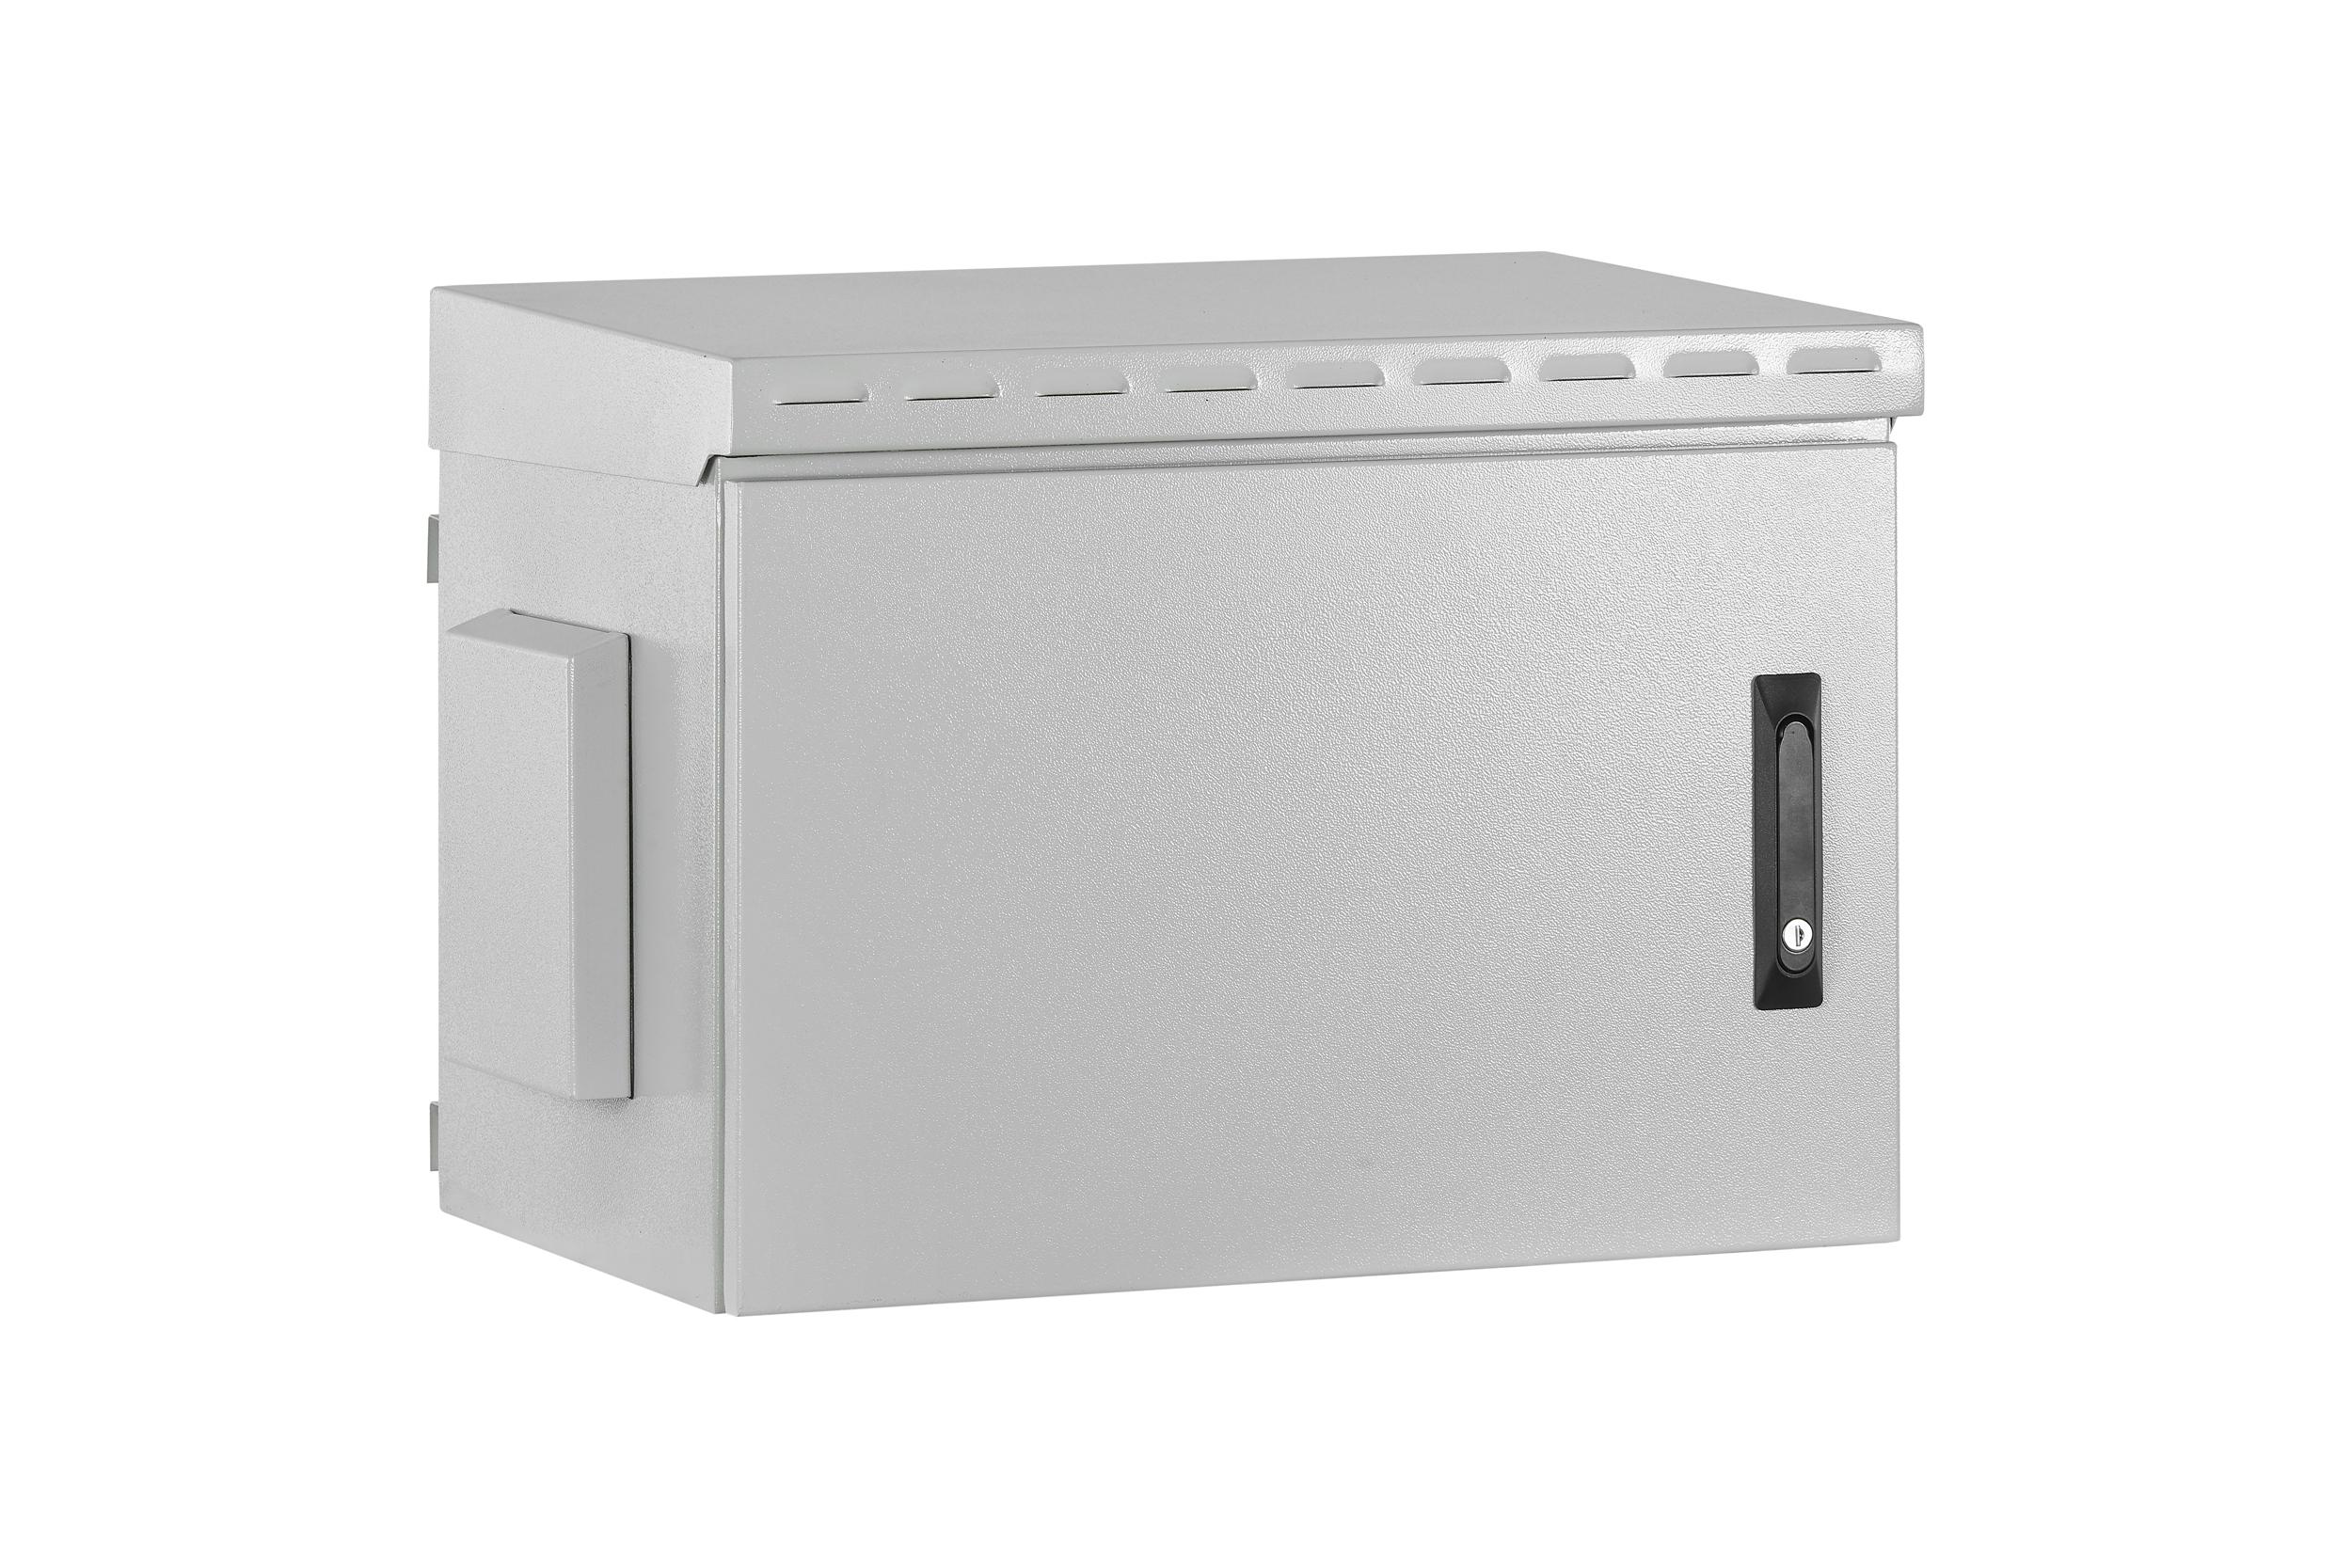 ZE-OBX12U6060-T00-CC ZE-OBX12U6060-T00-CC OUTBOX 12U 19